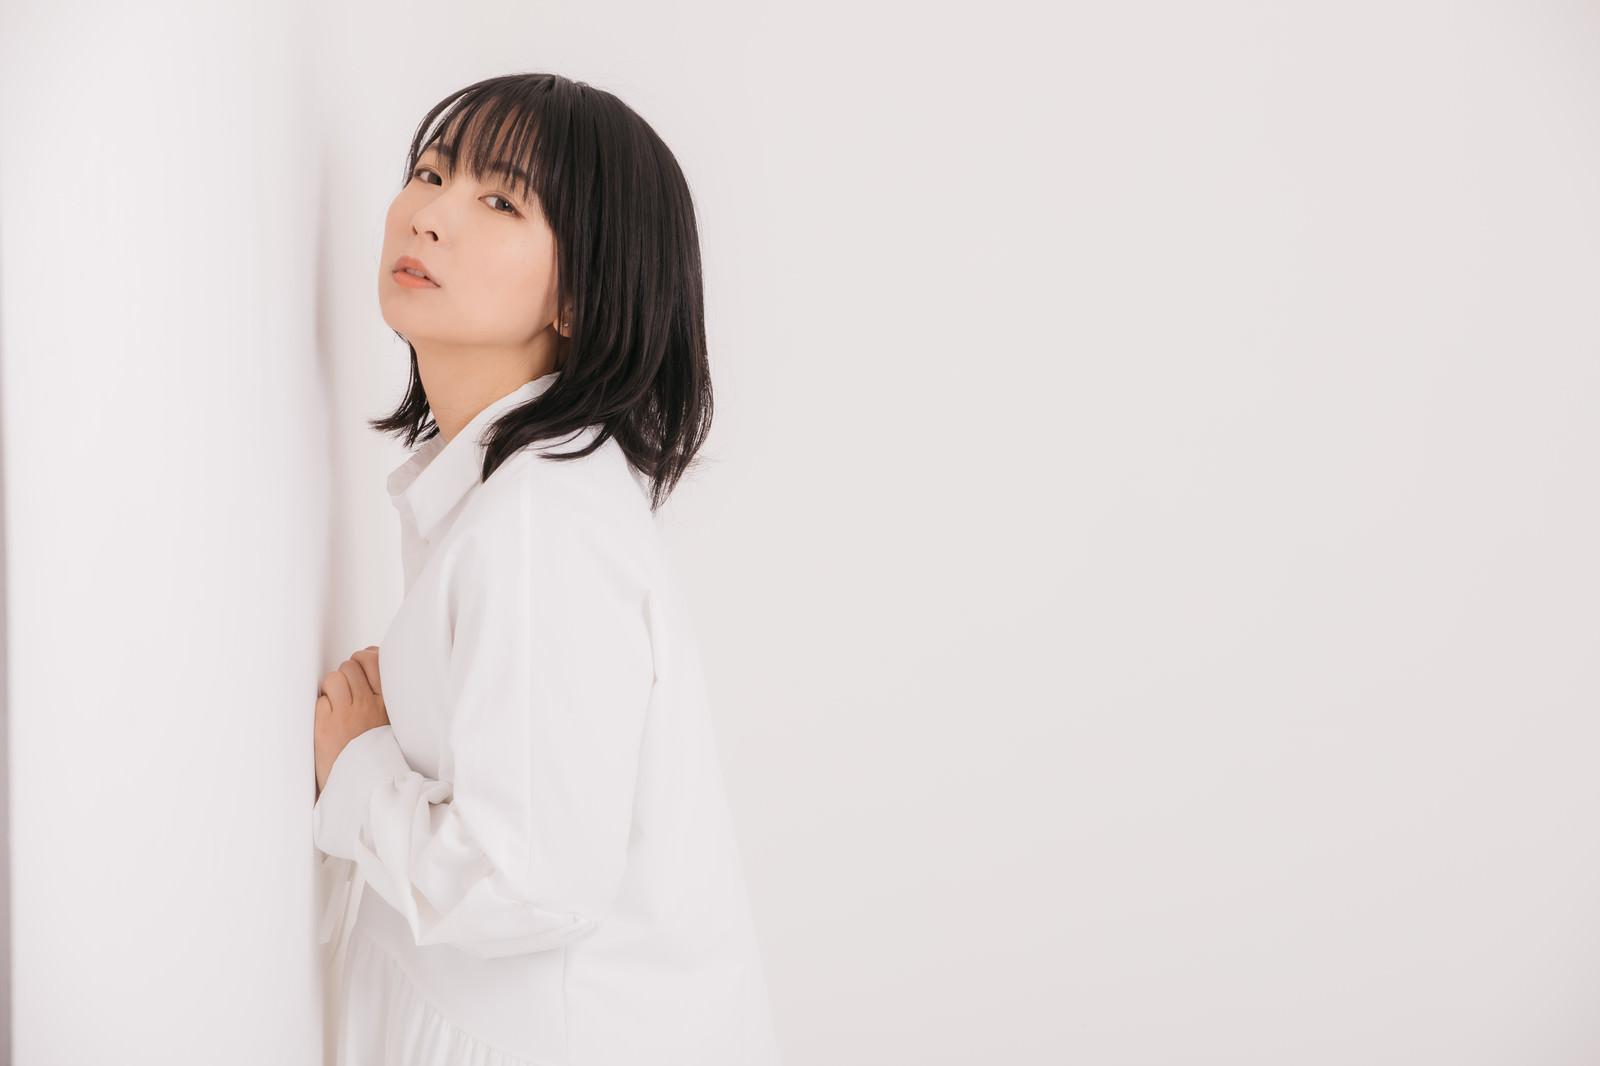 「壁に寄り掛かる女性モデル」の写真[モデル:にゃるる]